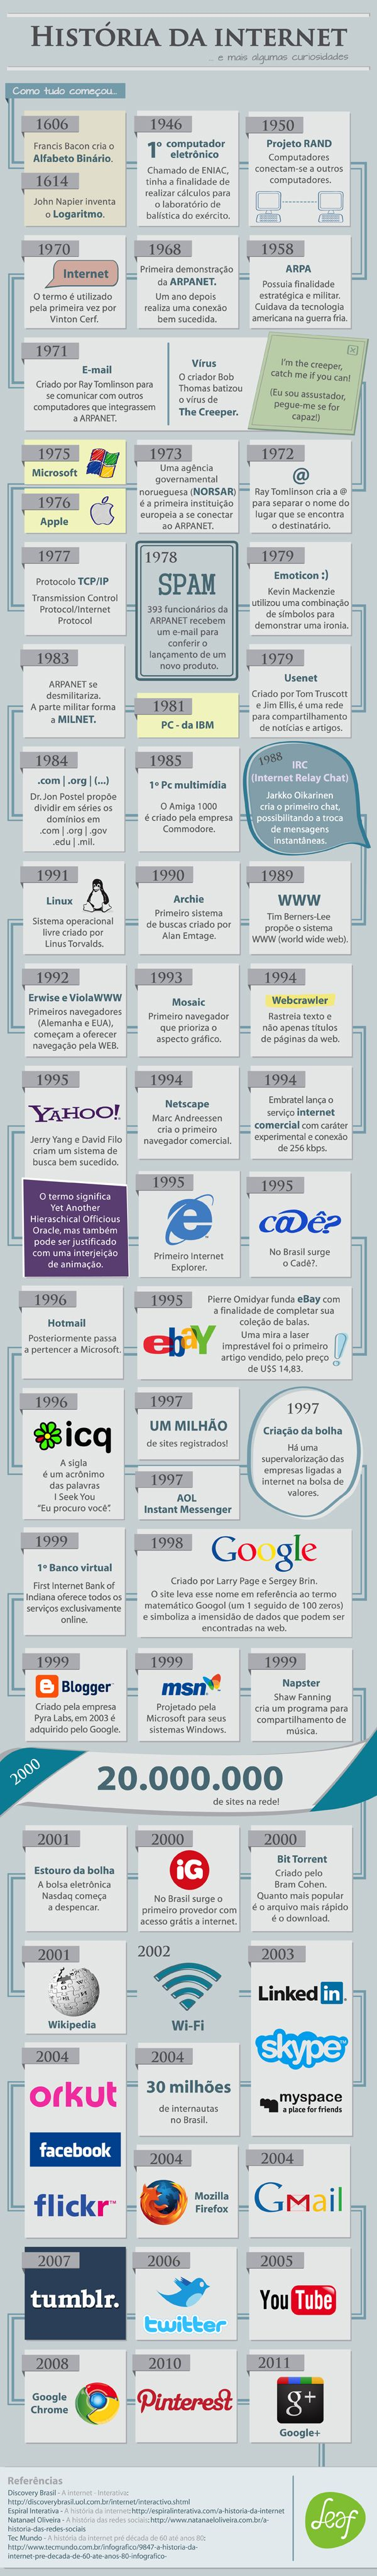 Infográfico conta a história da Internet - Assuntos Criativos